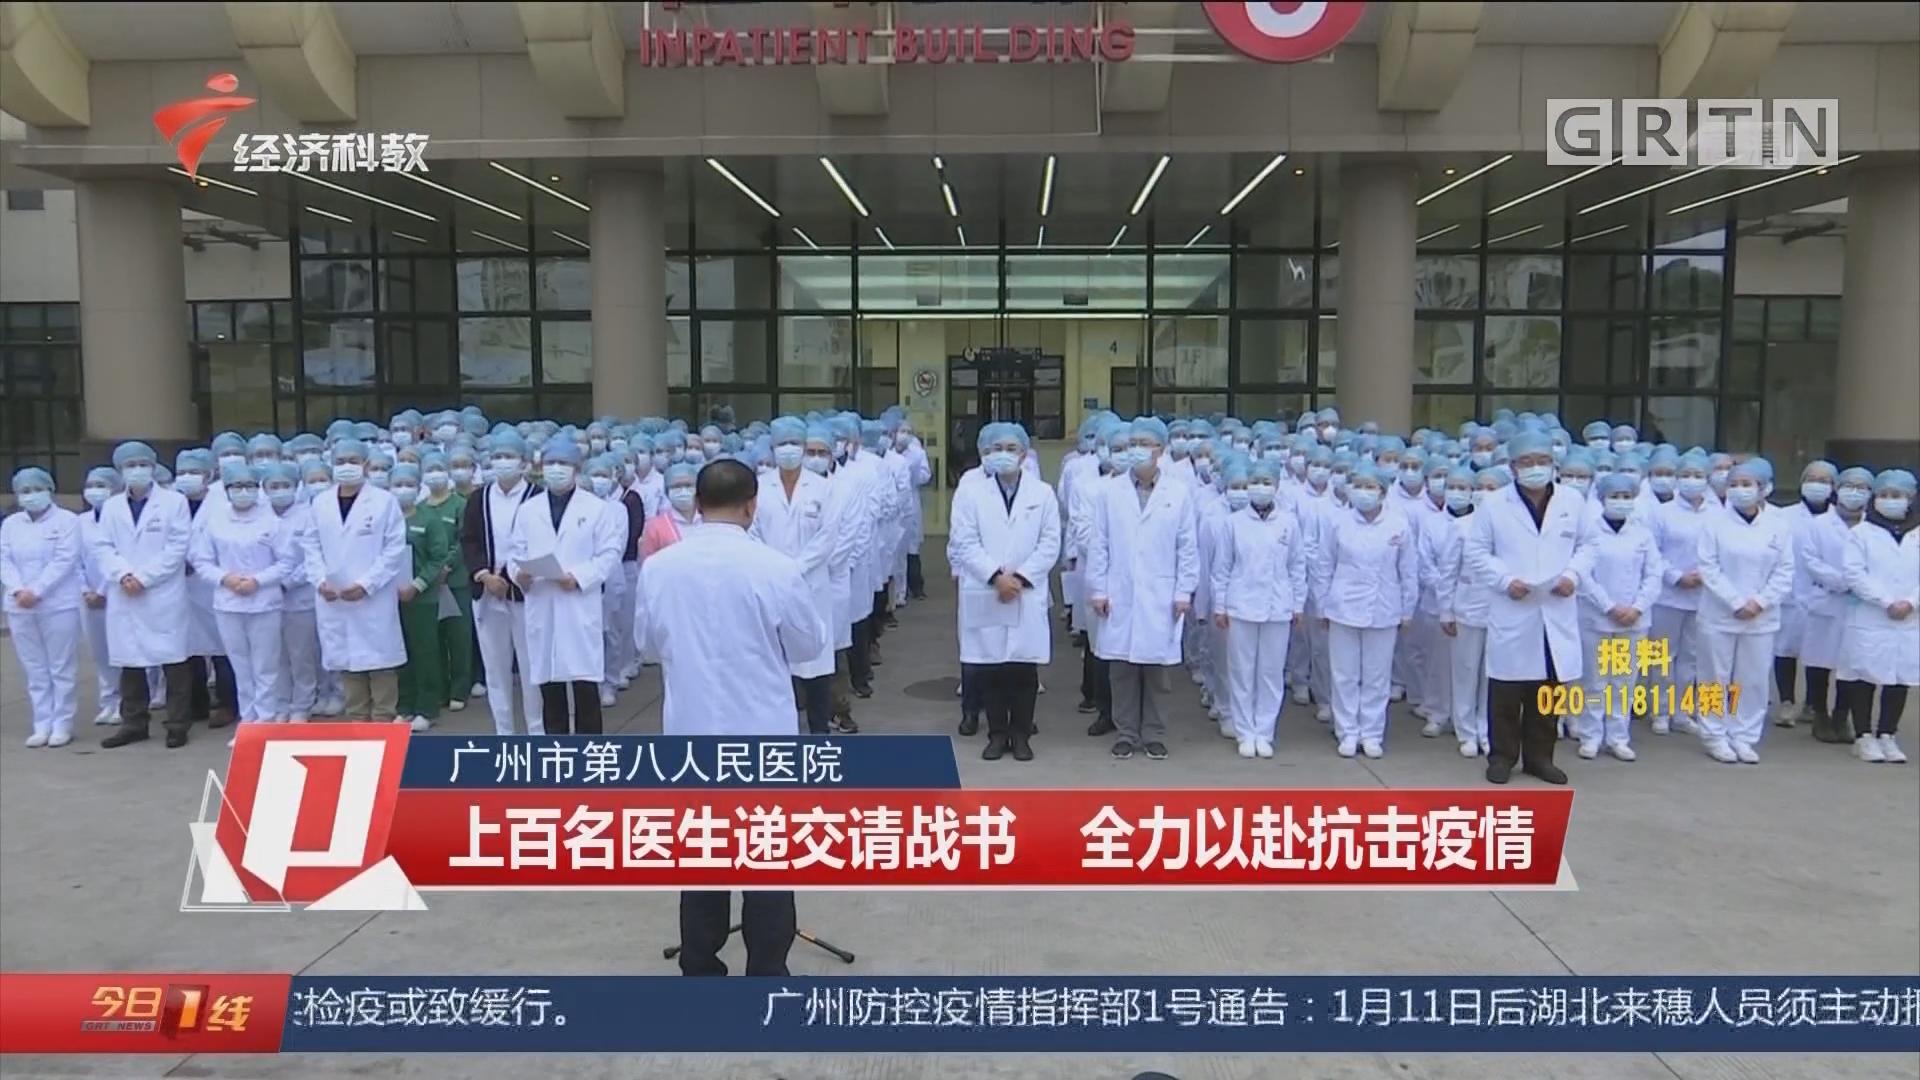 广州市第八人民医院:上百名医生递交请战书 全力以赴抗击疫情